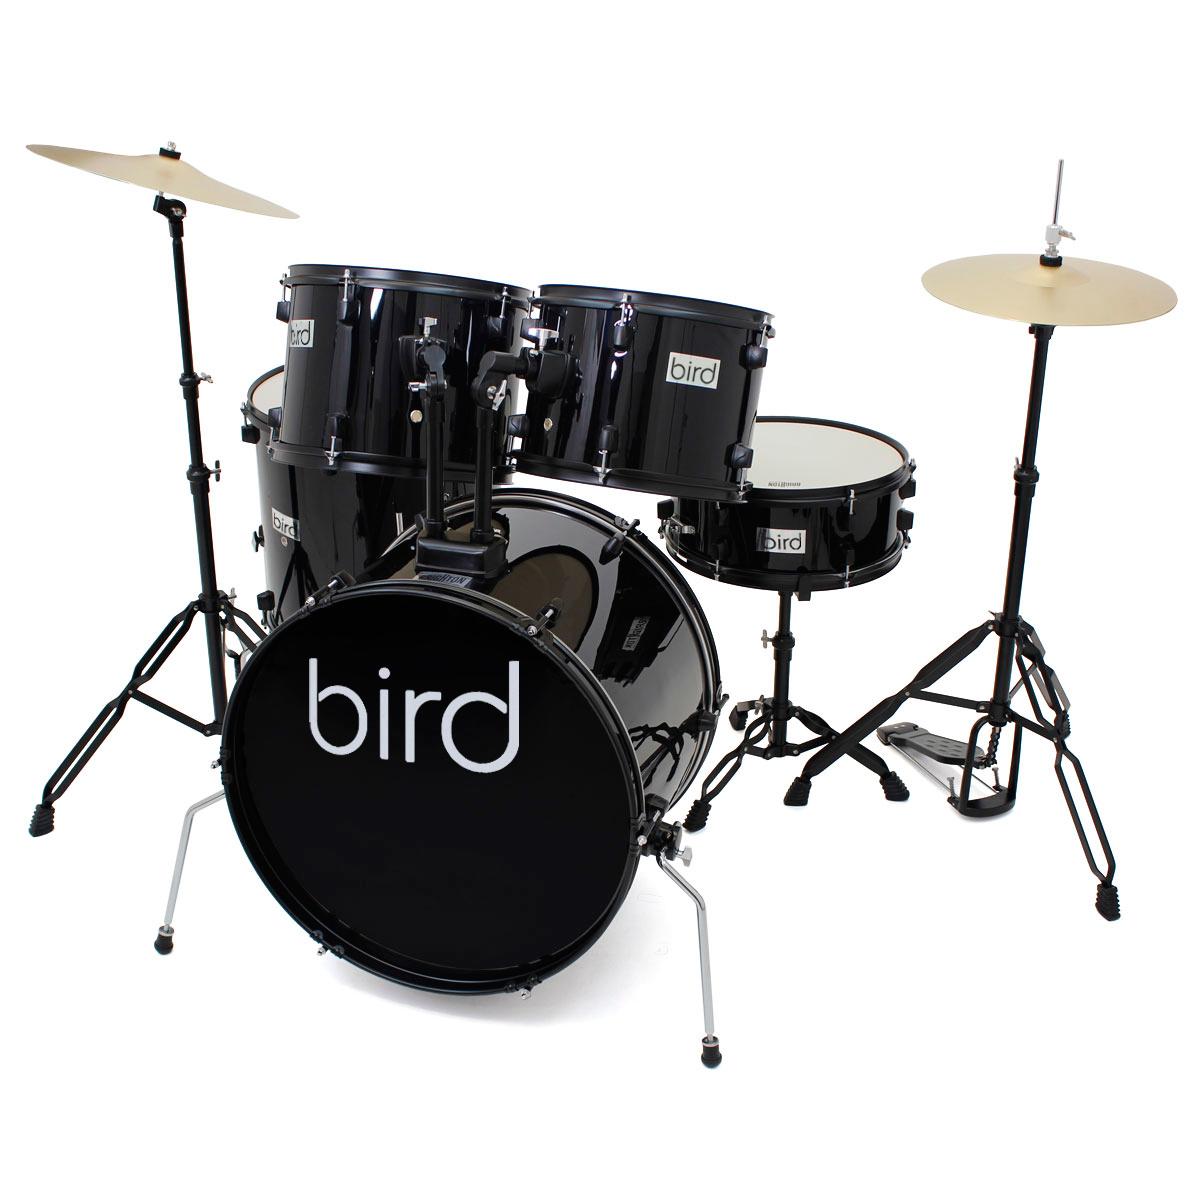 Bird Ds102 Bk